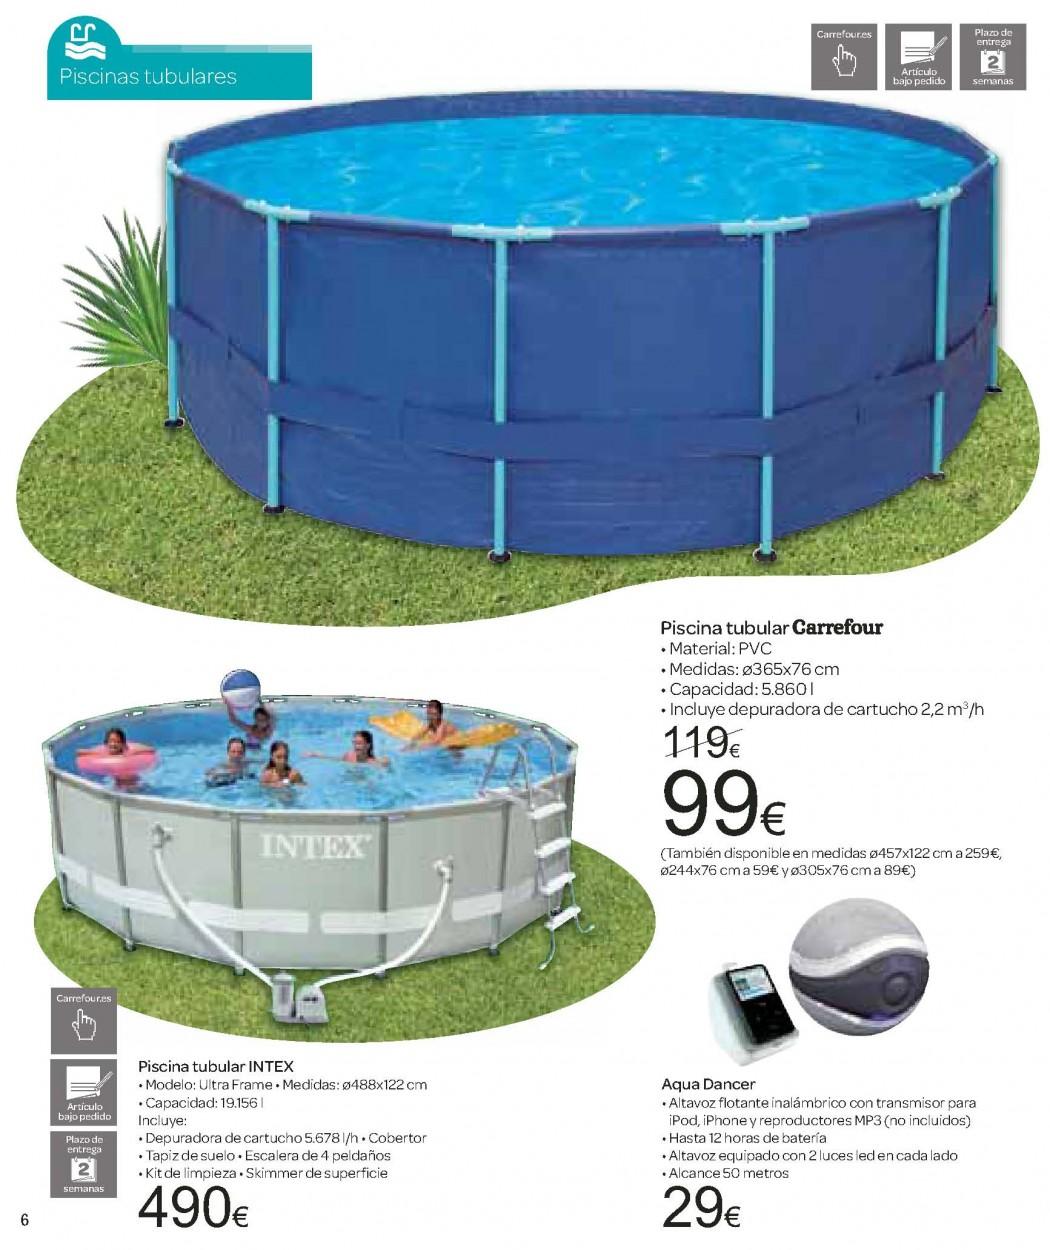 Catalogo carrefour junio 2012 especial piscinas y jardin - Piscina de plastico carrefour ...